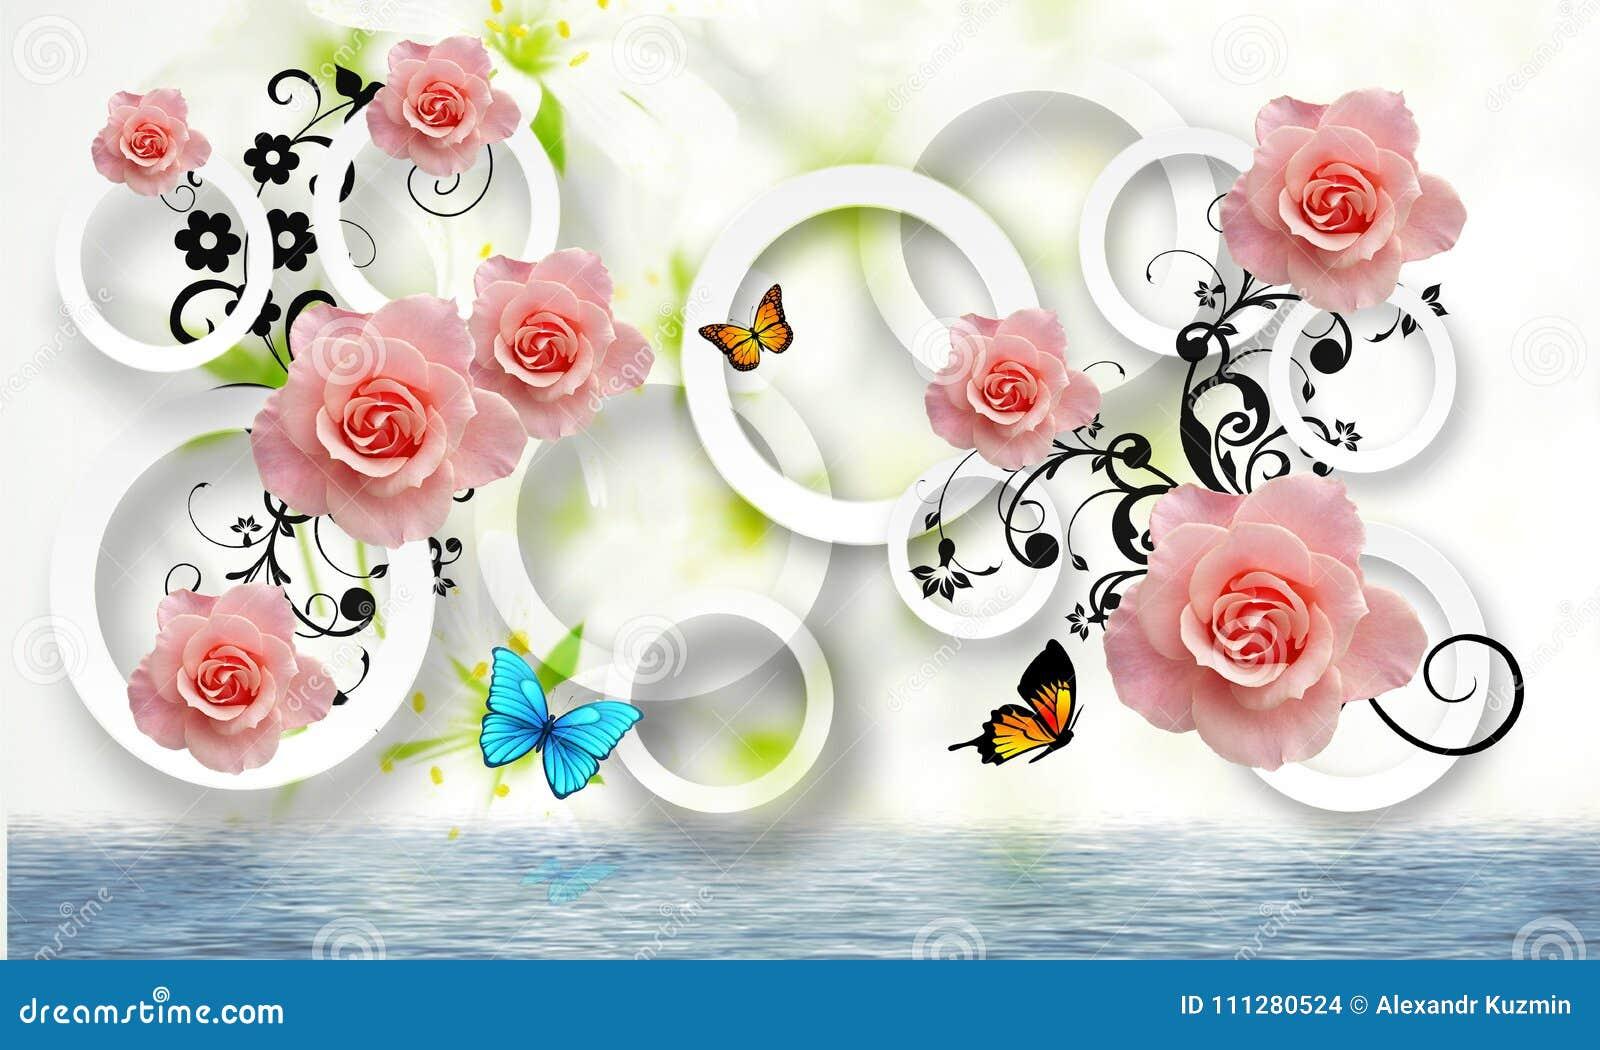 Blommar abstraktion Fototapet för väggarna framförande 3d